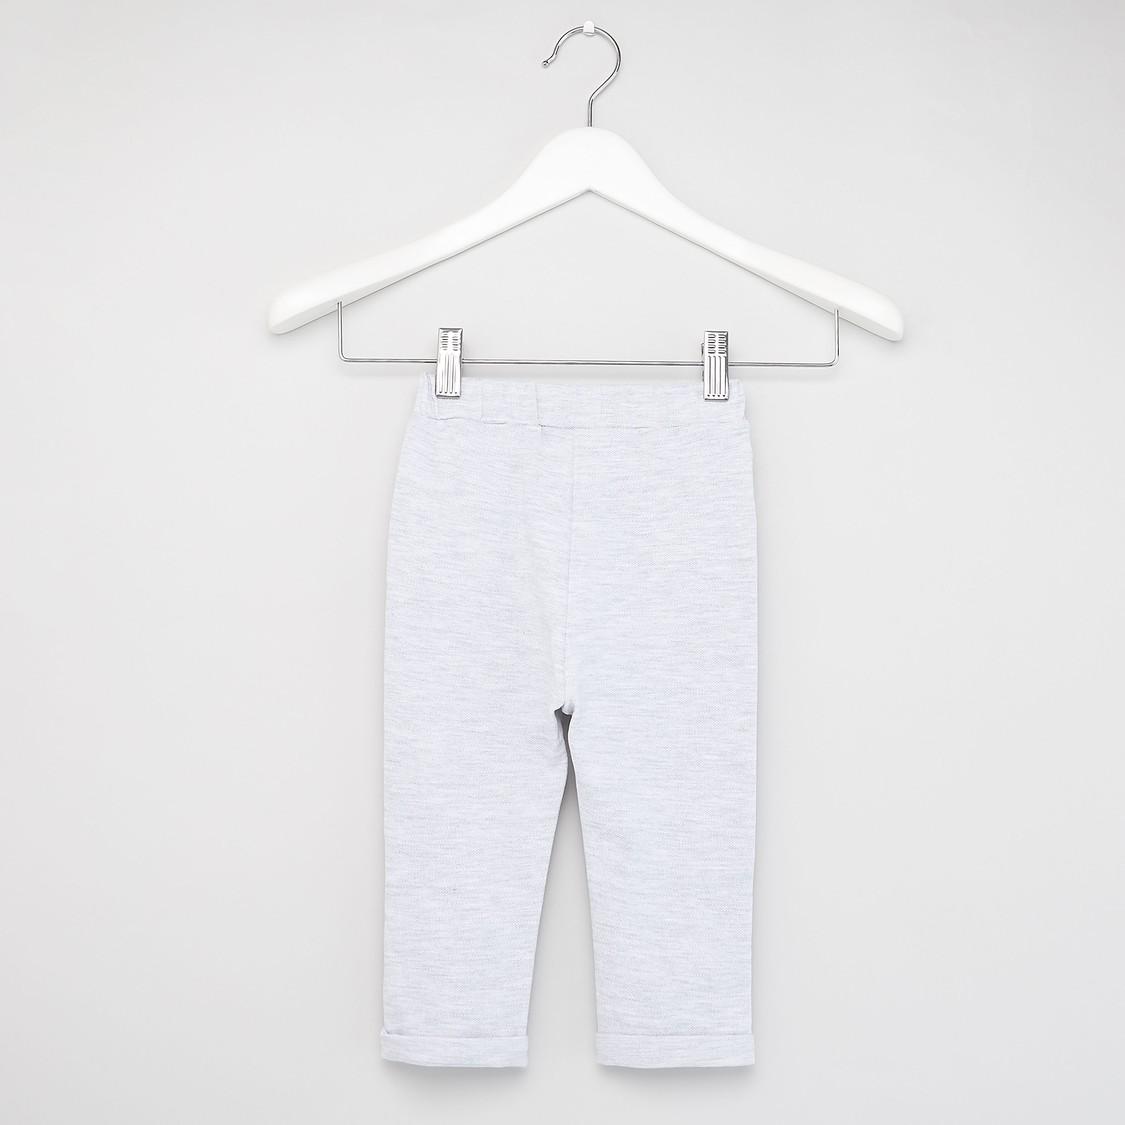 طقم ملابس بارزة الملمس - 3 قطع